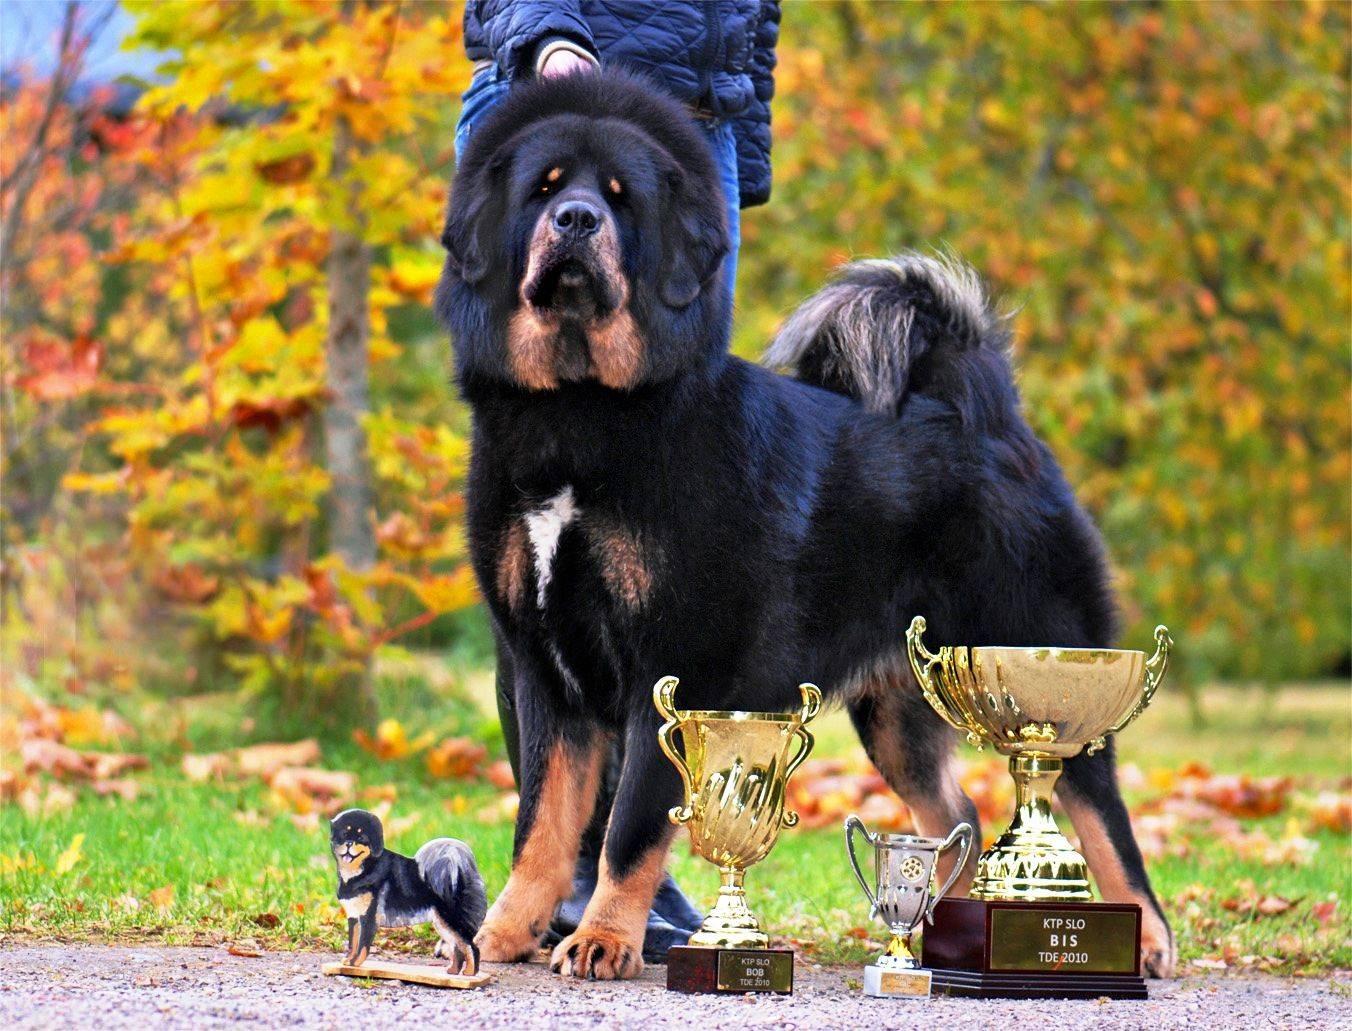 Топ 25 самые лучшие породы собак (рейтинг 2021)